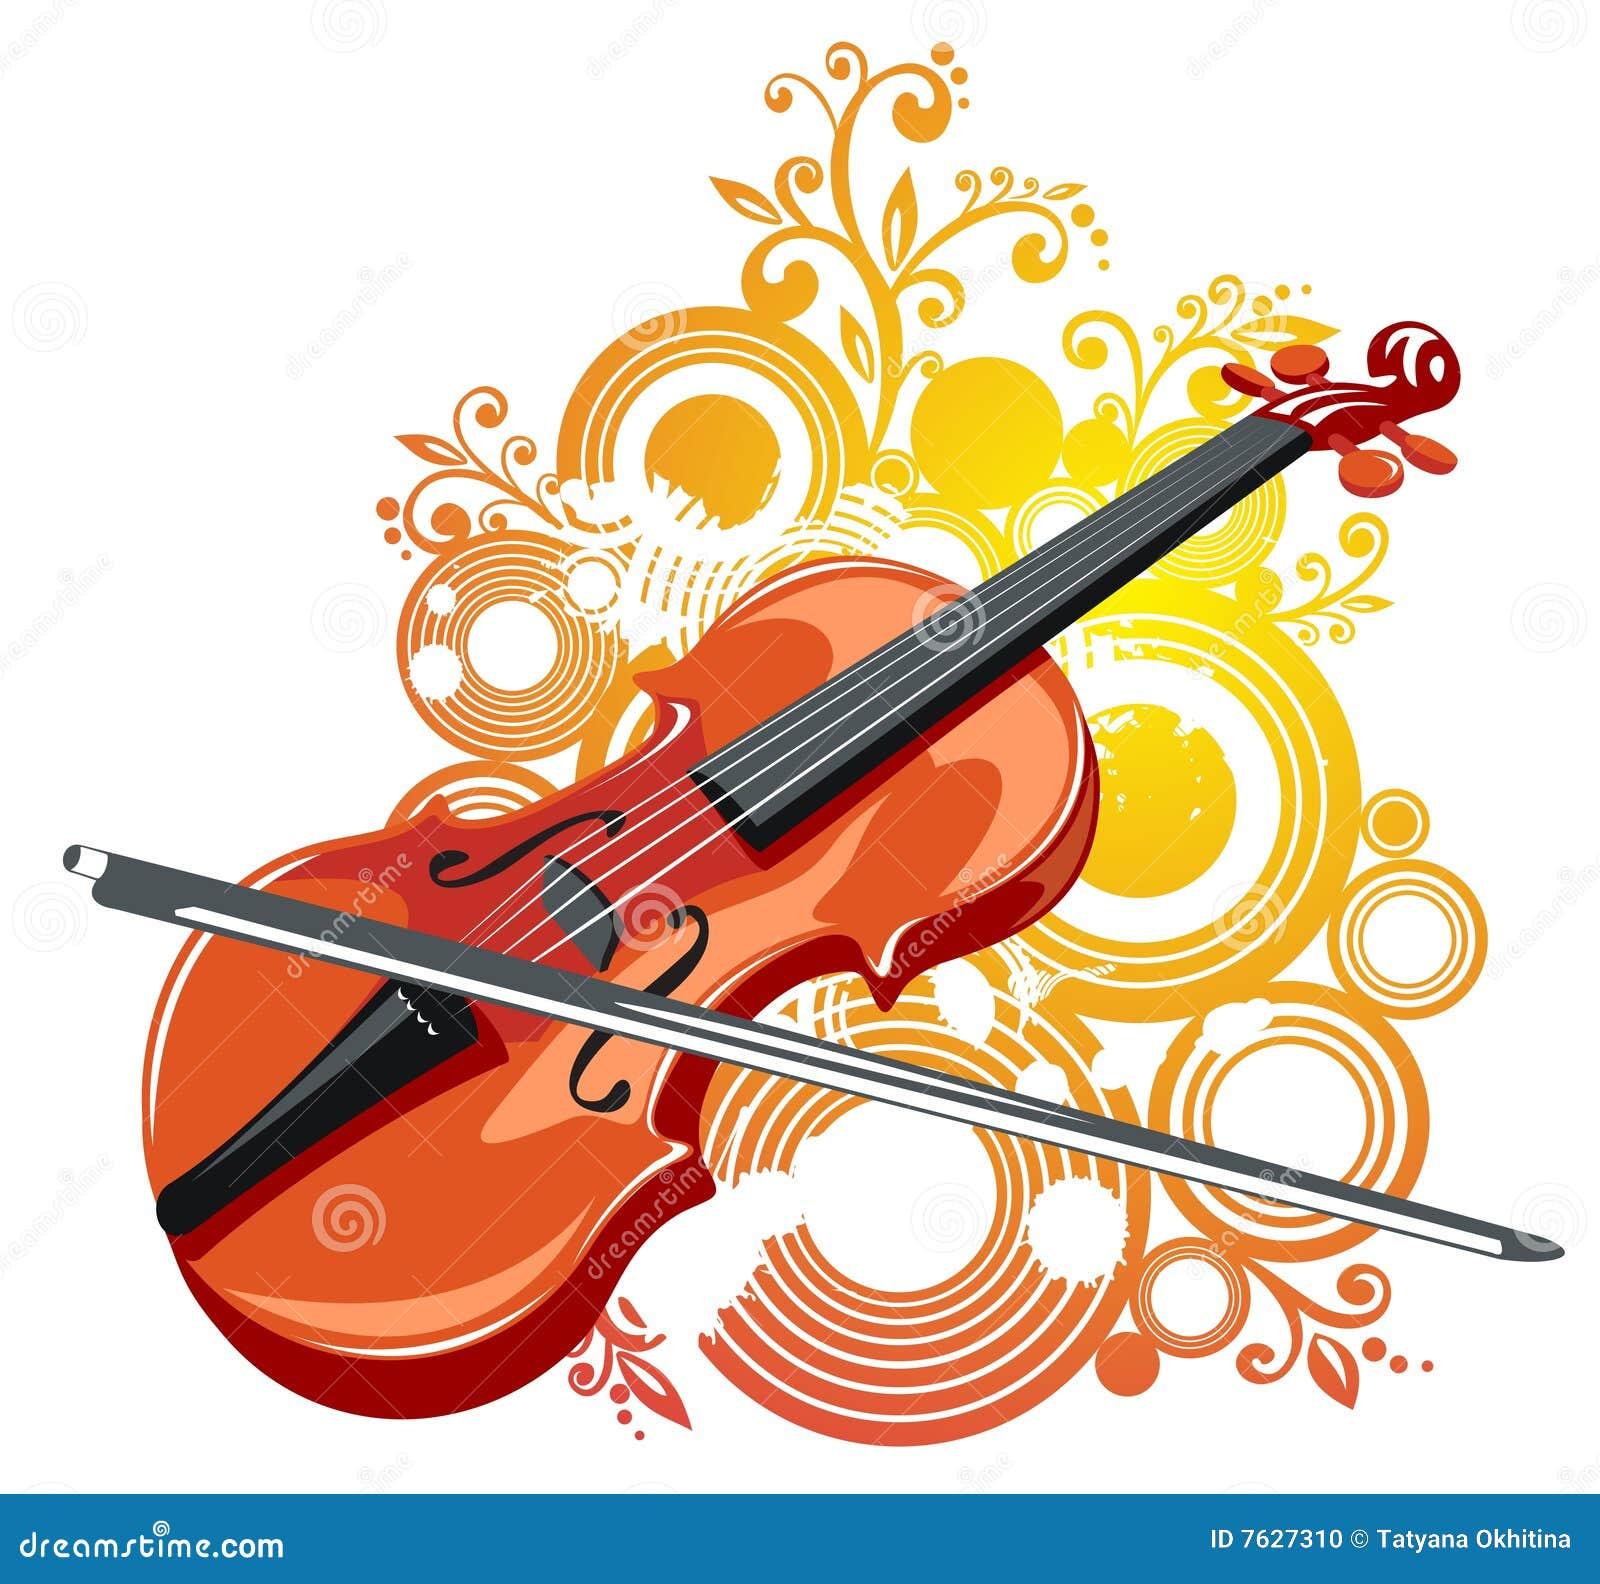 抽象背景grunge模式风格化小提琴白色.图片